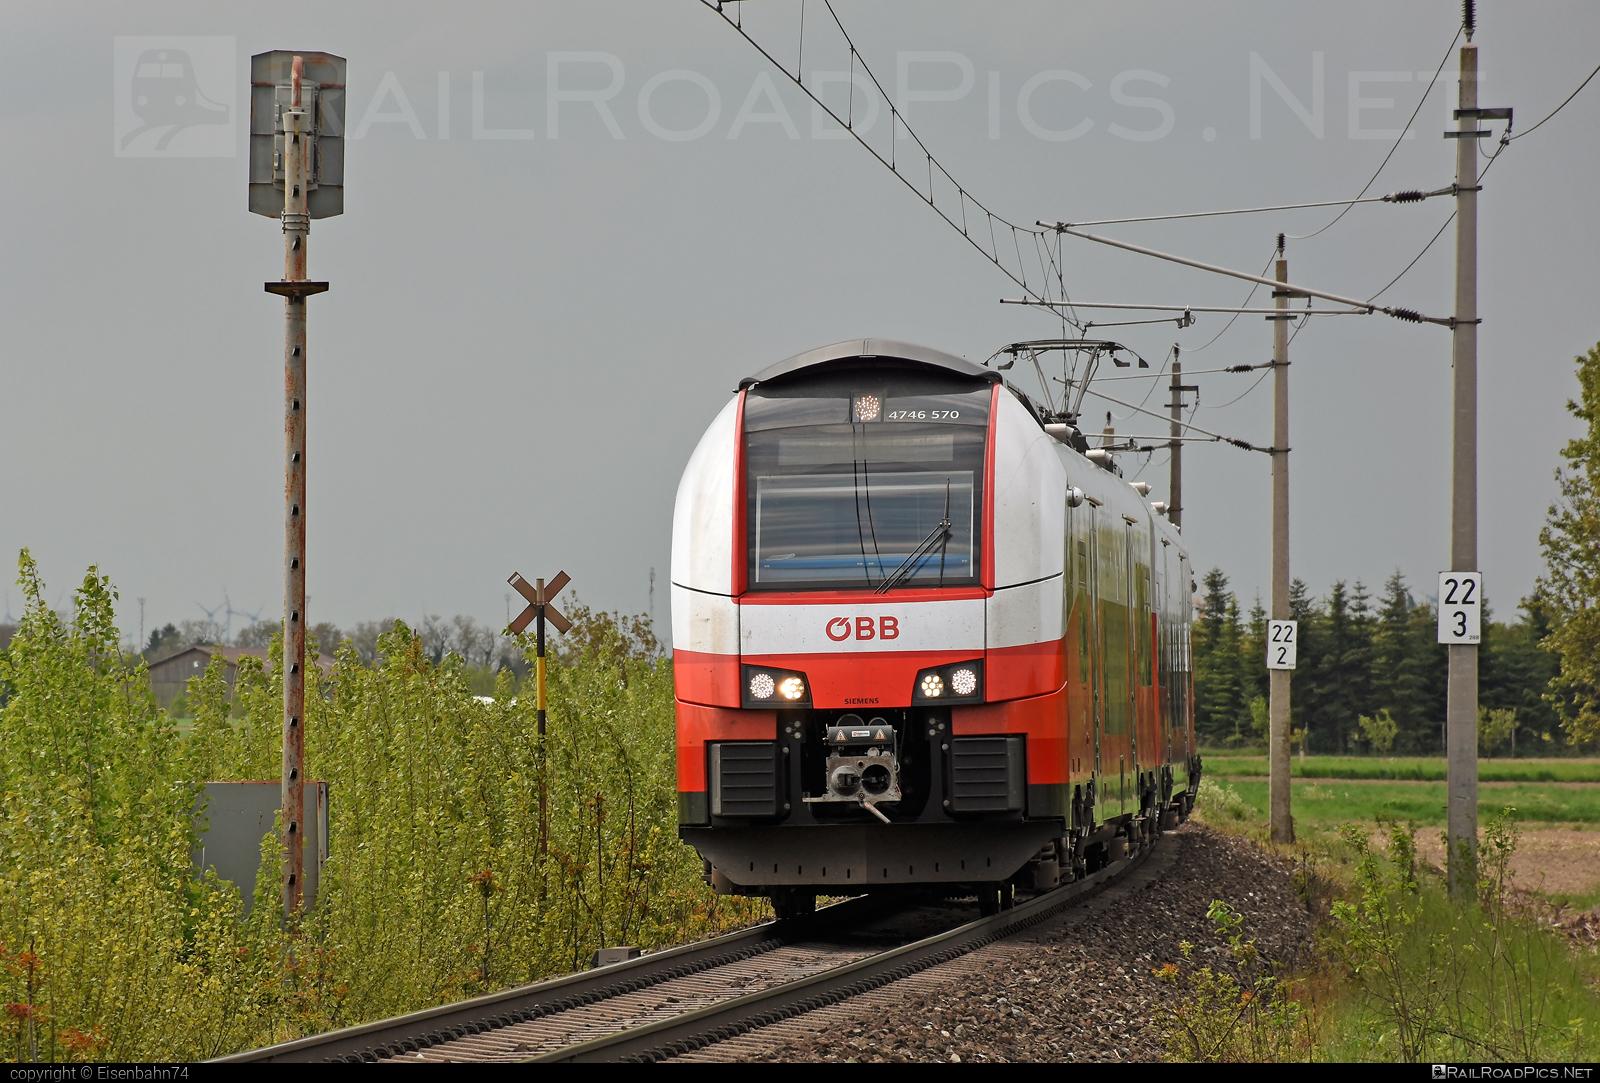 Siemens Desiro ML - 4746 570 operated by Österreichische Bundesbahnen #cityjet #desiro #desiroml #obb #obbcityjet #osterreichischebundesbahnen #siemens #siemensdesiro #siemensdesiroml